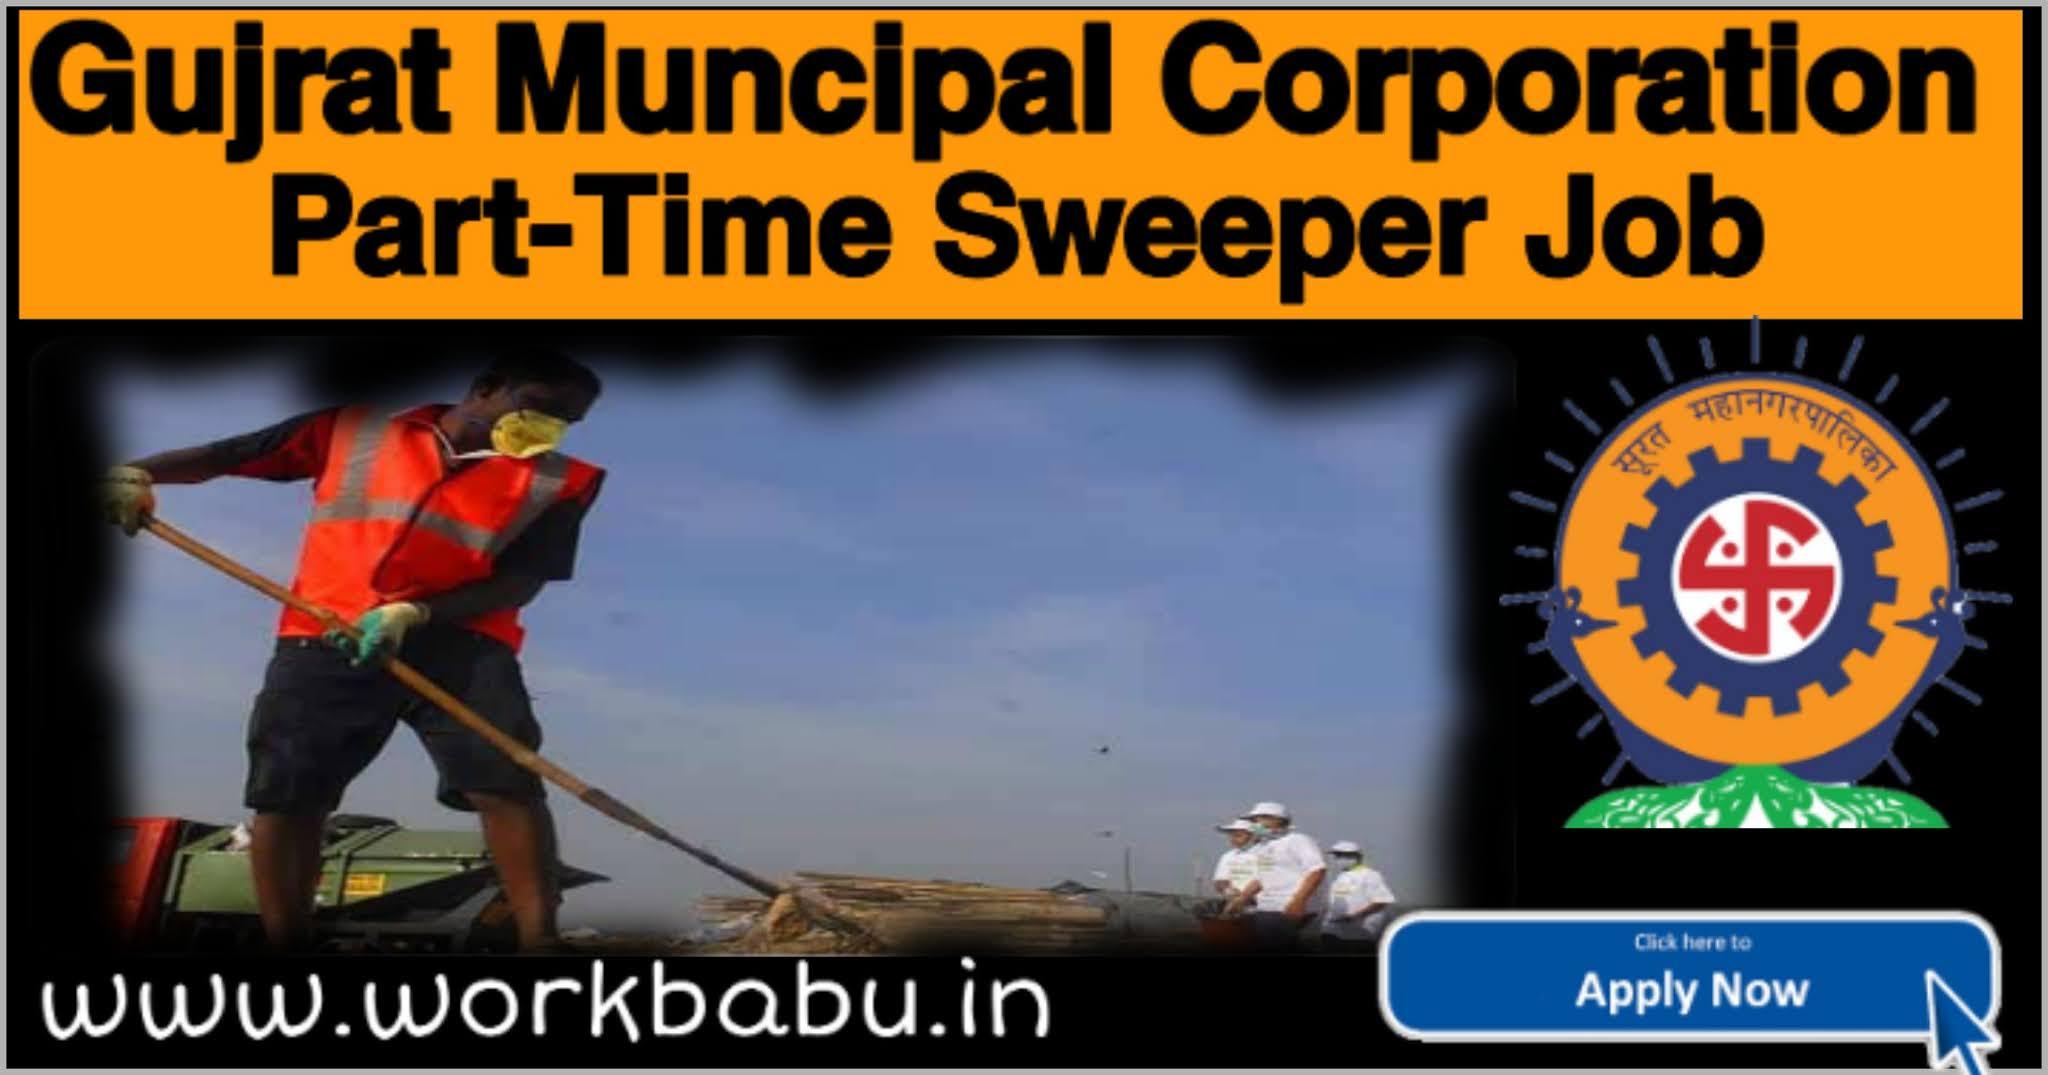 About Municipal Corporation Recruitment 2020